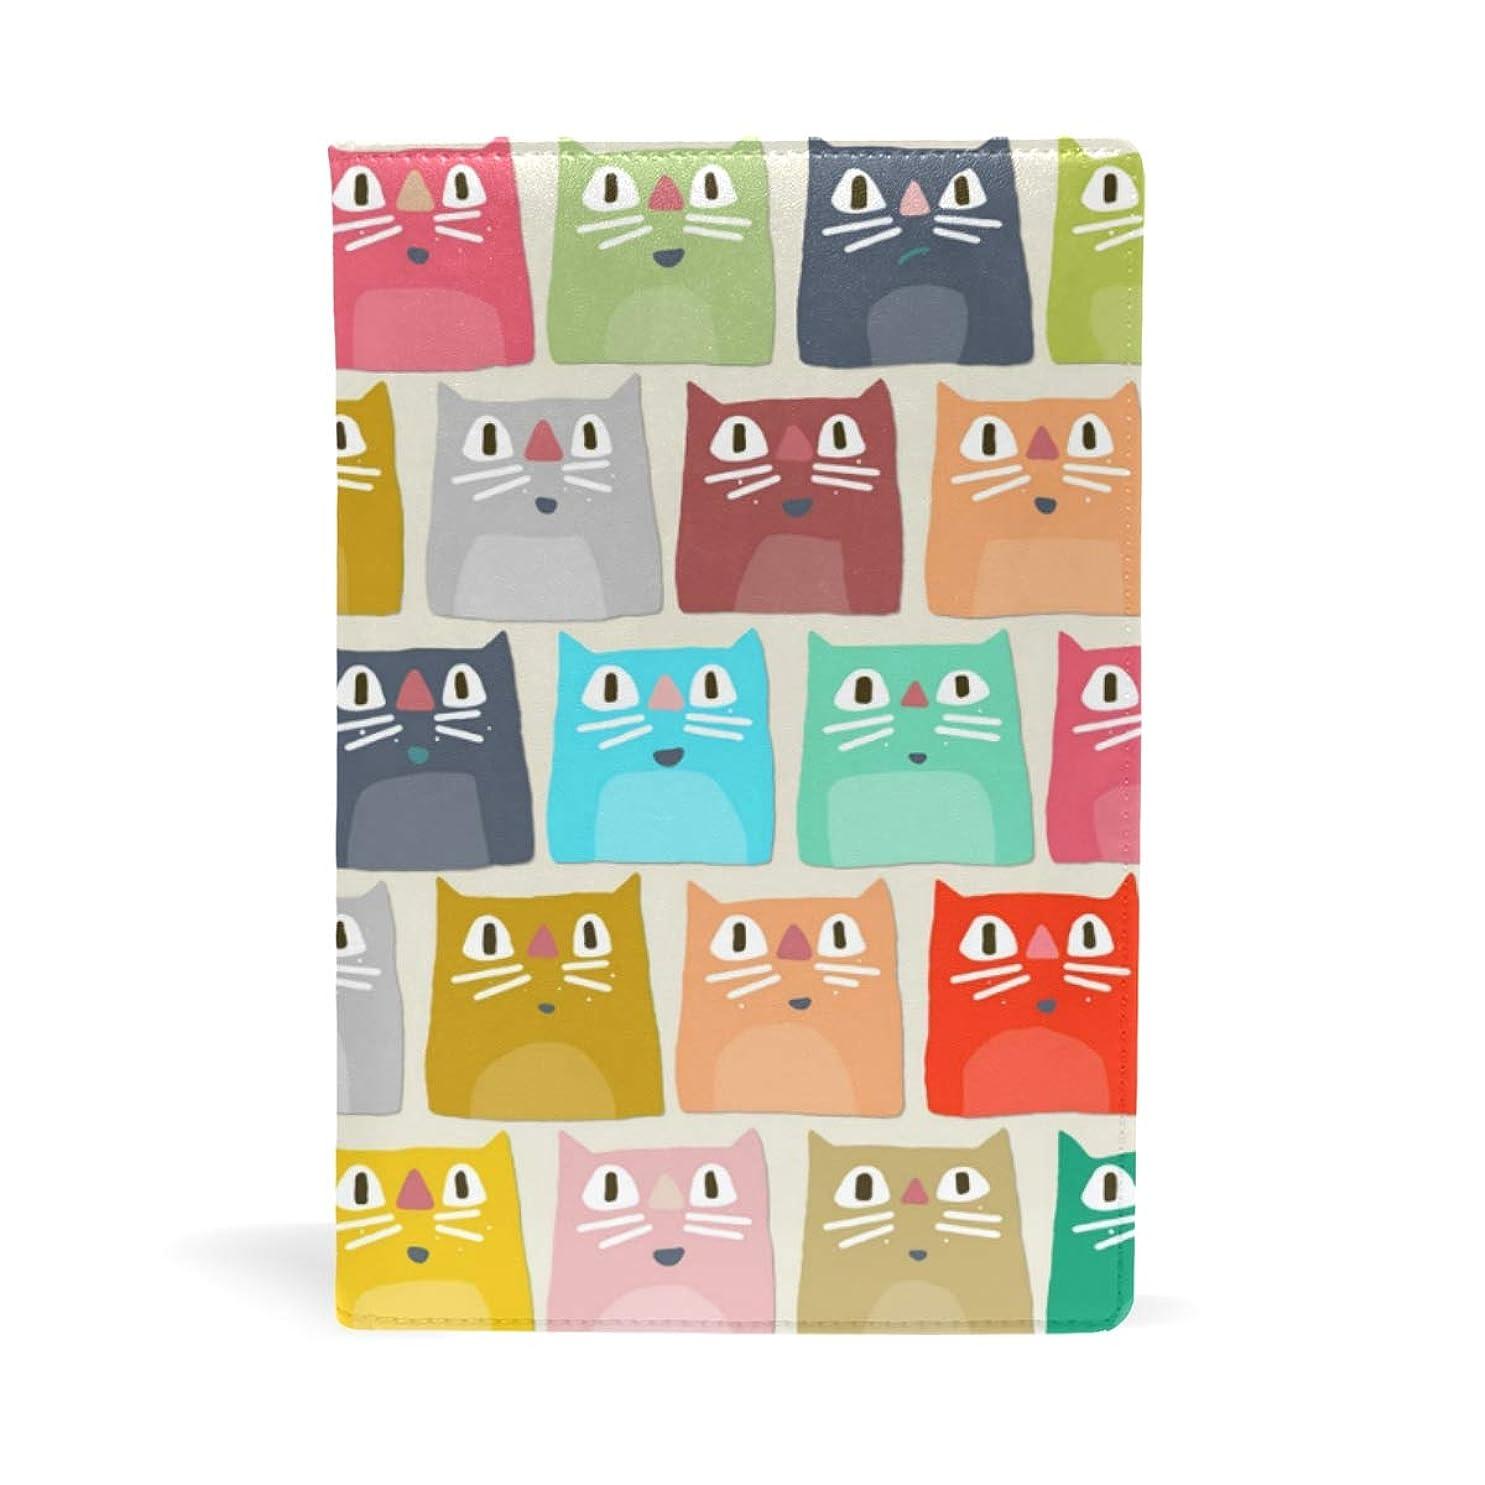 コロニー謙虚カラフルな猫の顔 ブックカバー 文庫 a5 皮革 おしゃれ 文庫本カバー 資料 収納入れ オフィス用品 読書 雑貨 プレゼント耐久性に優れ